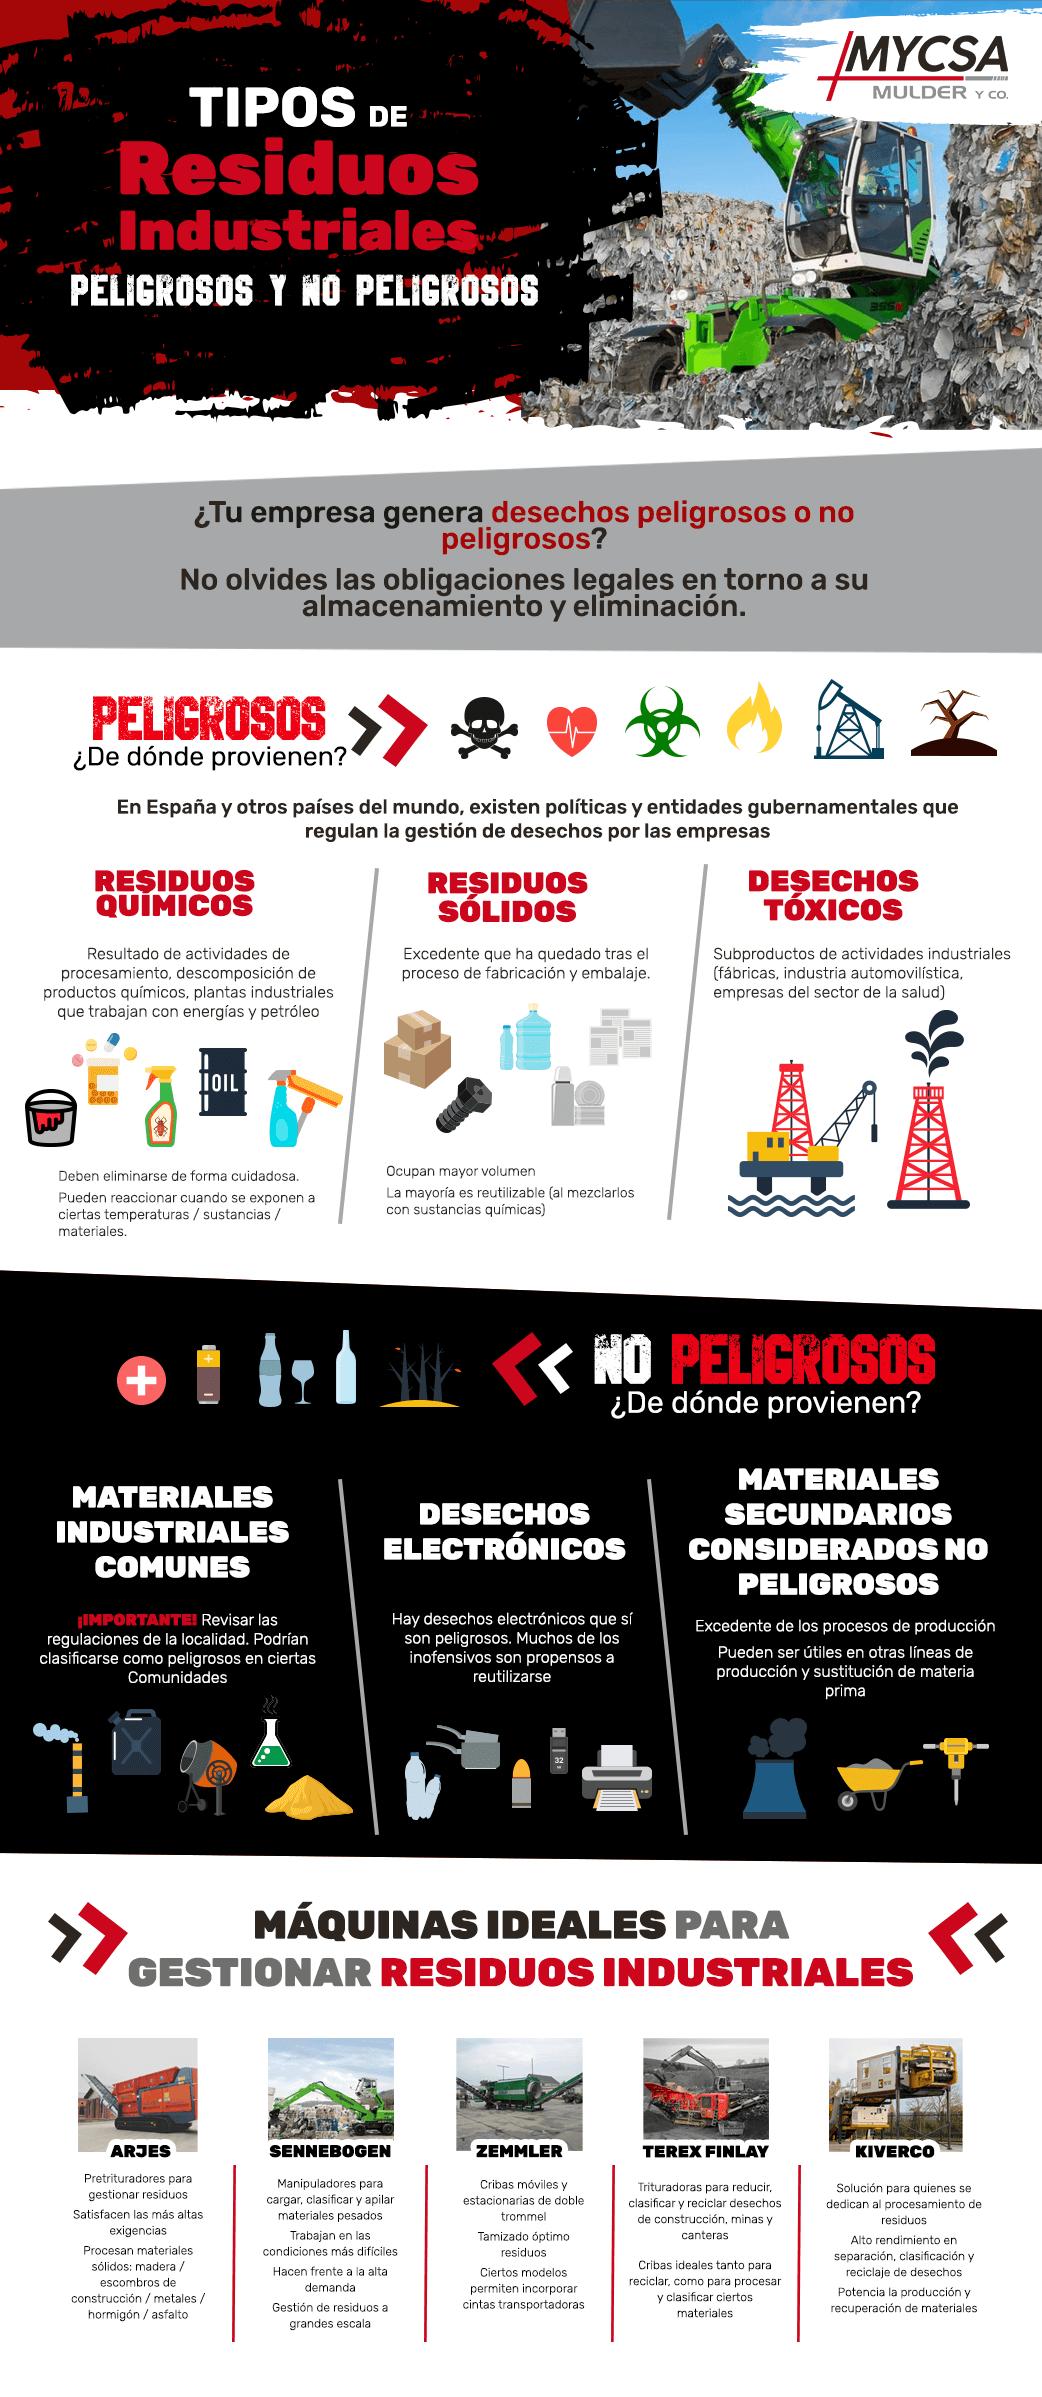 tipos de residuos industriales peligrosos y no peligrosos infografía